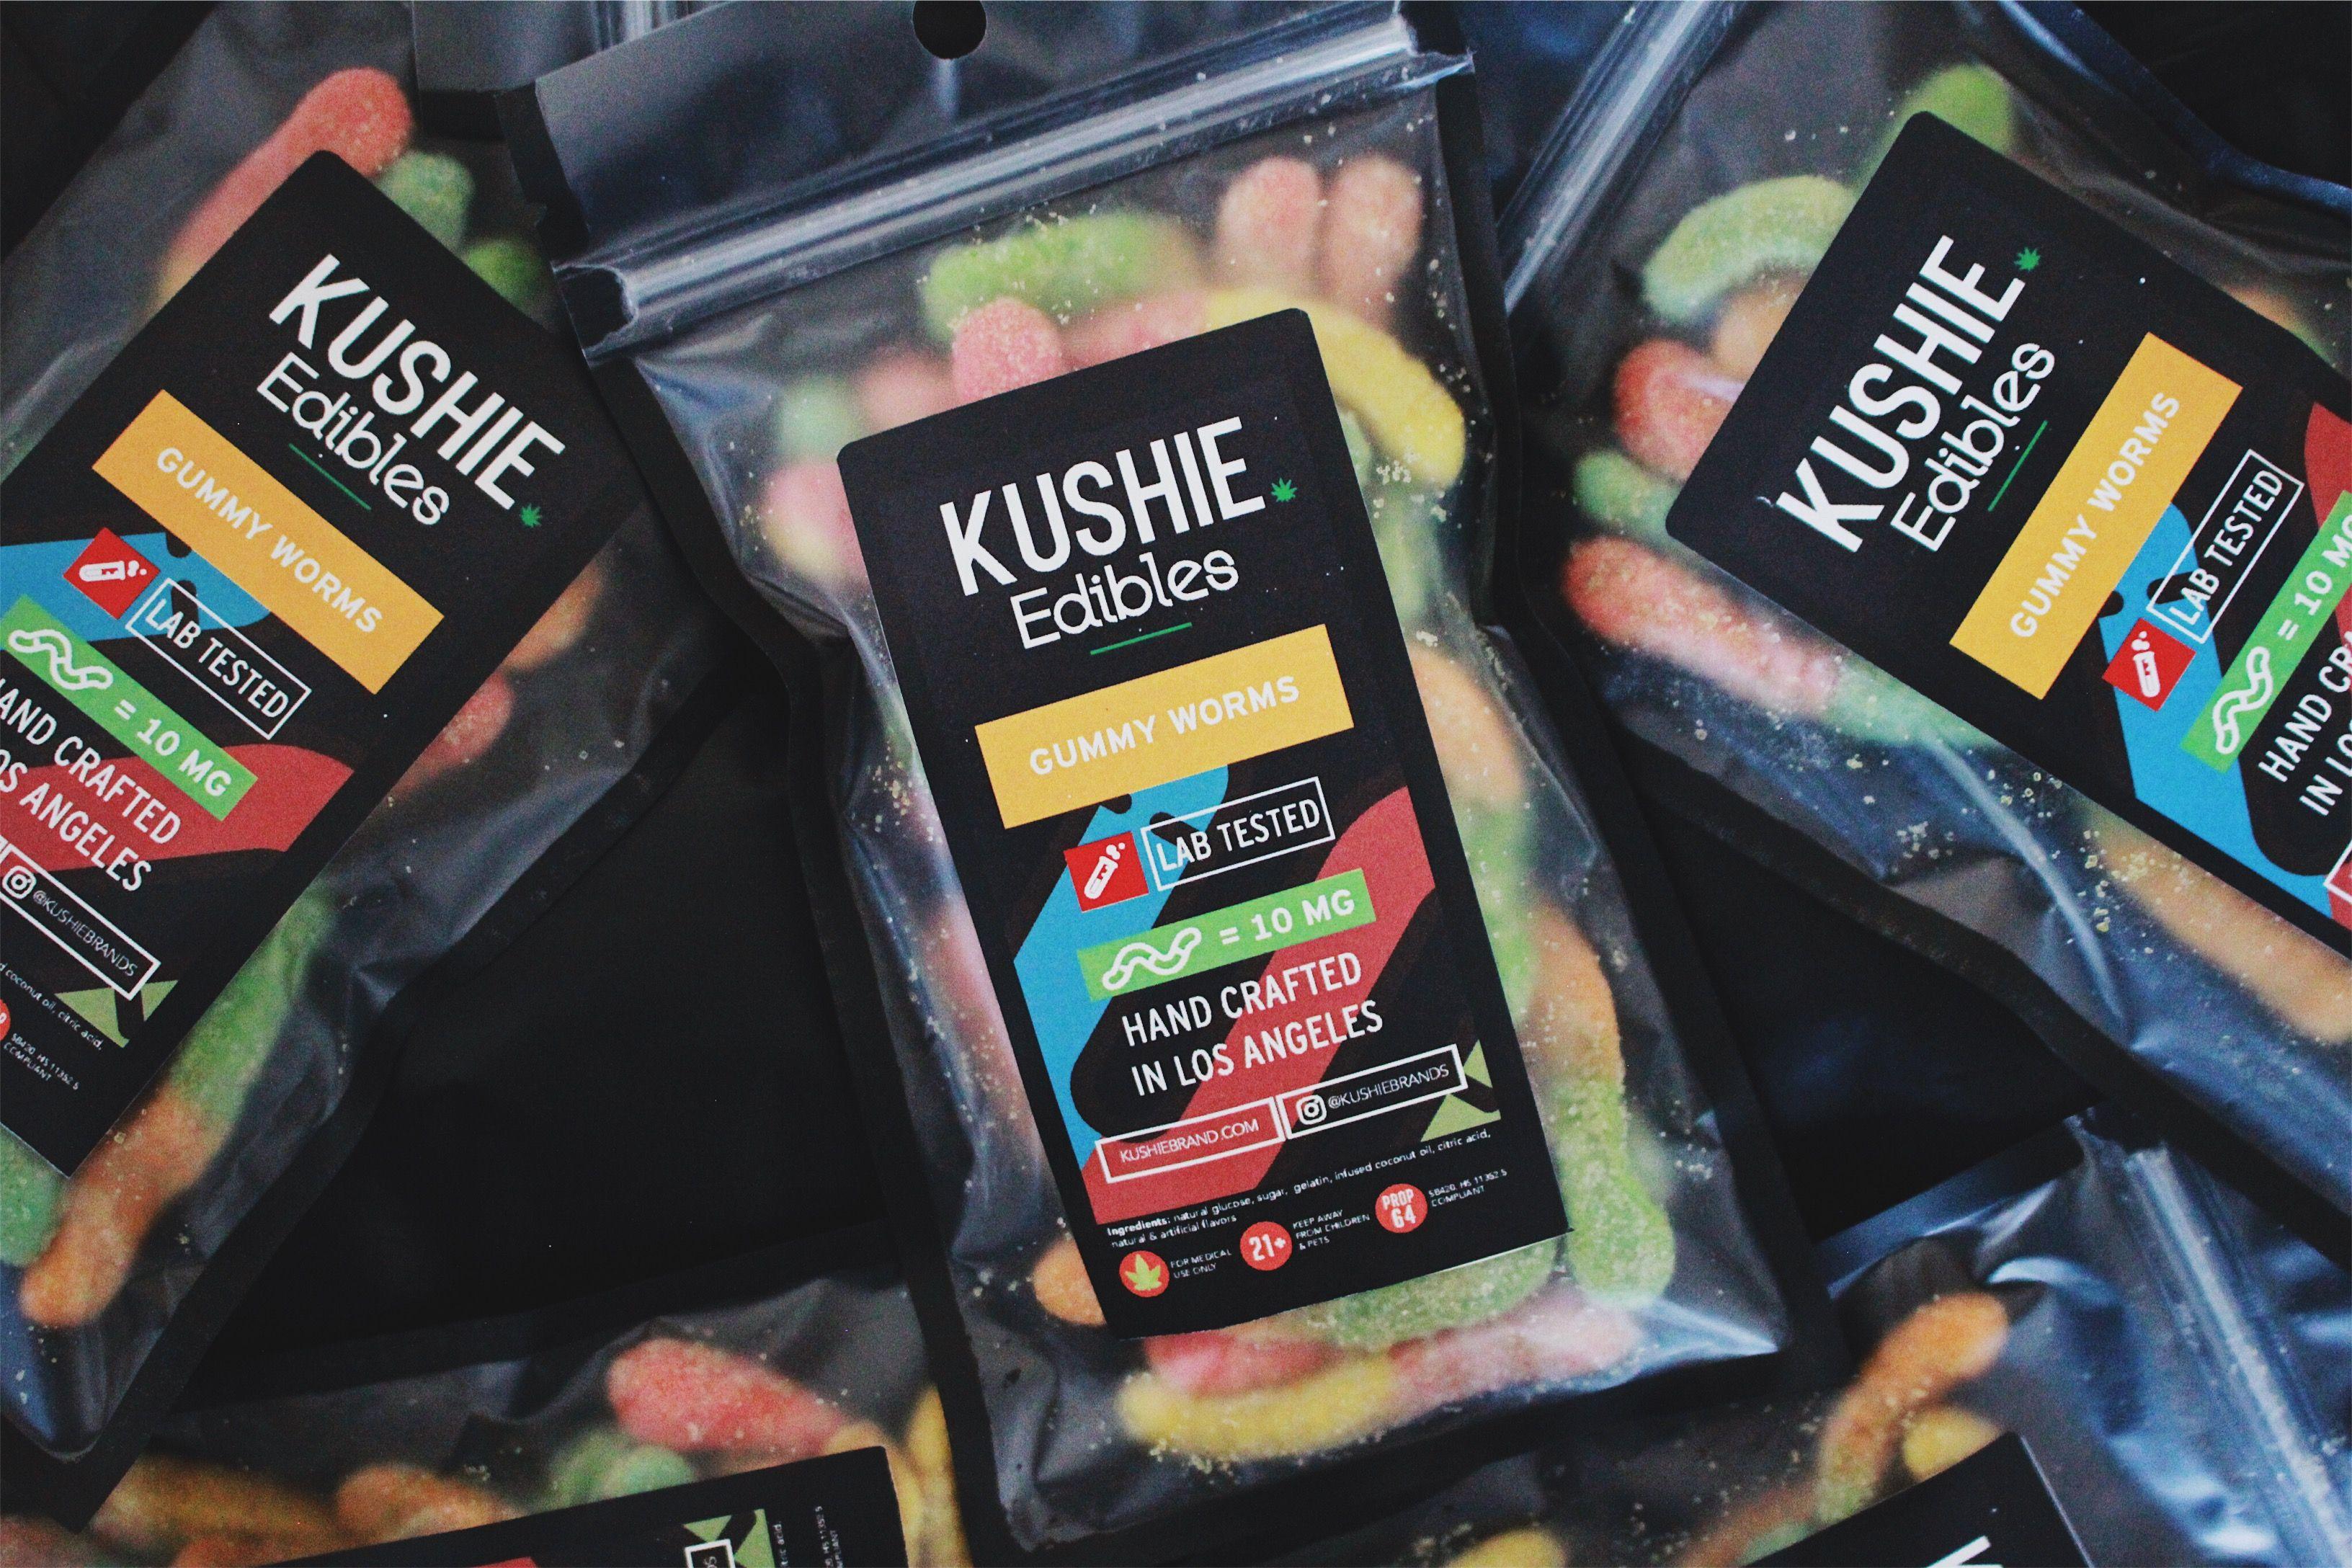 320MG Kushie Brand Gummy Worms